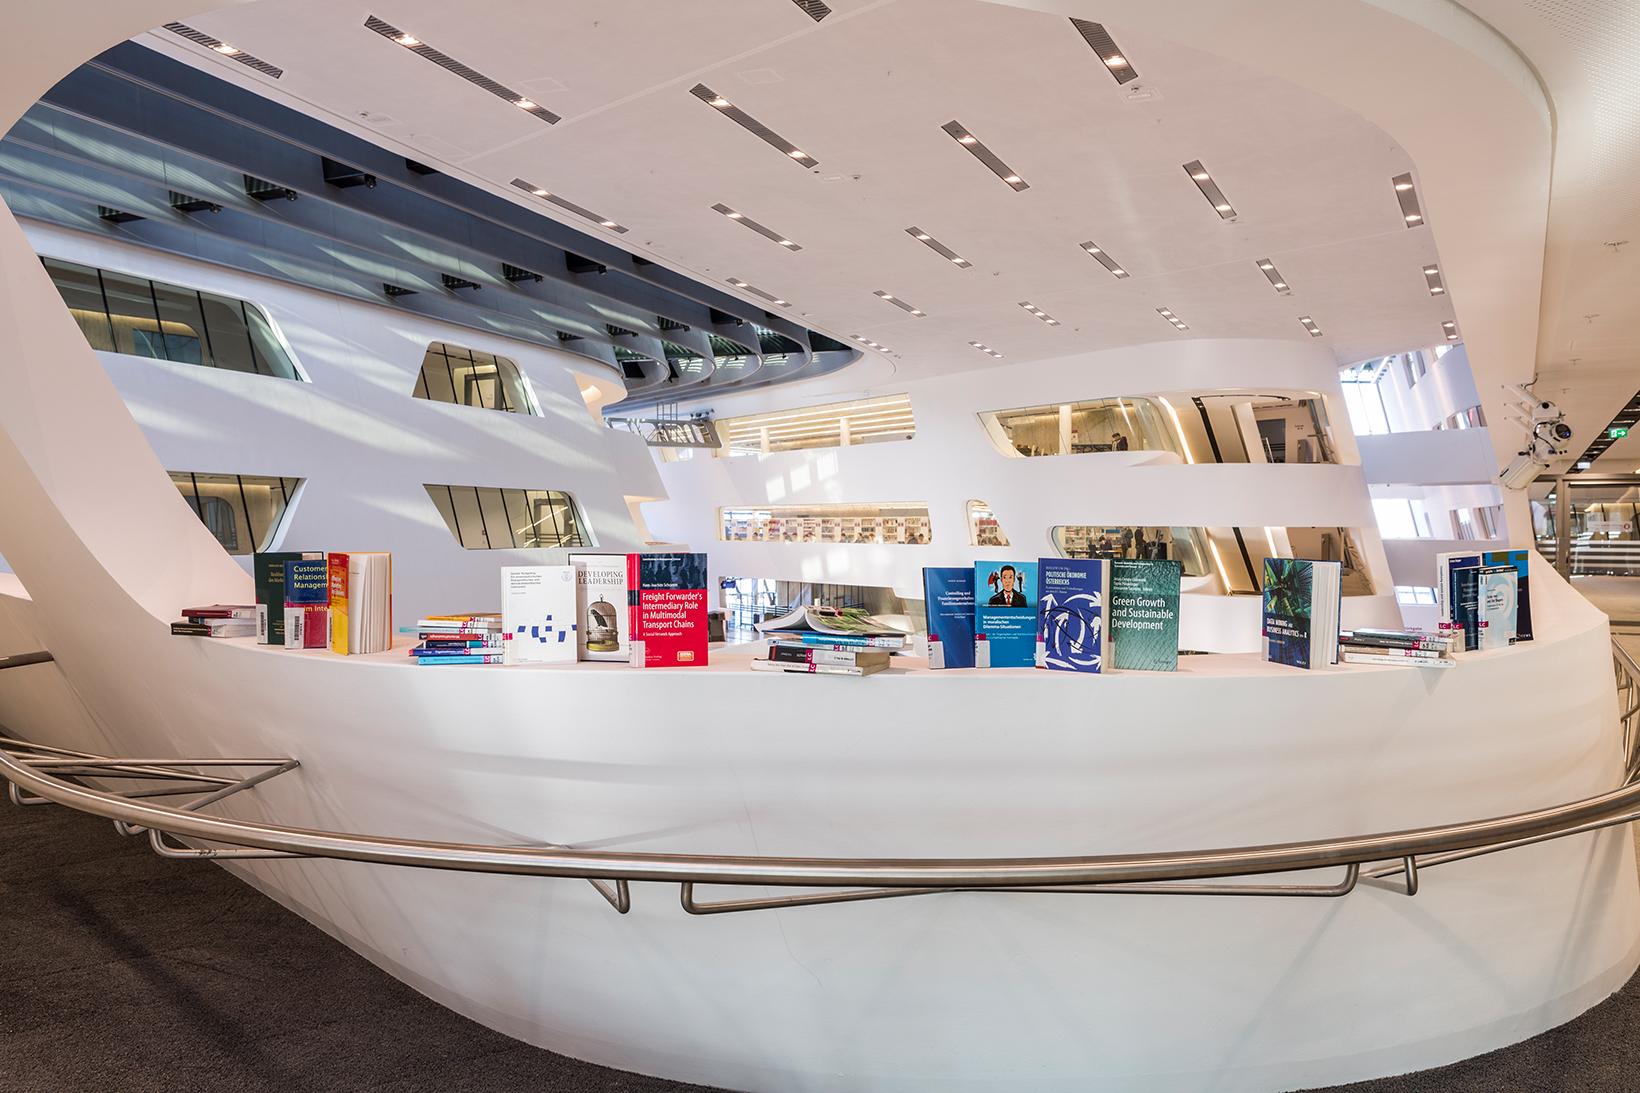 Bücher von WU Forschenden (c) Stephan Huger